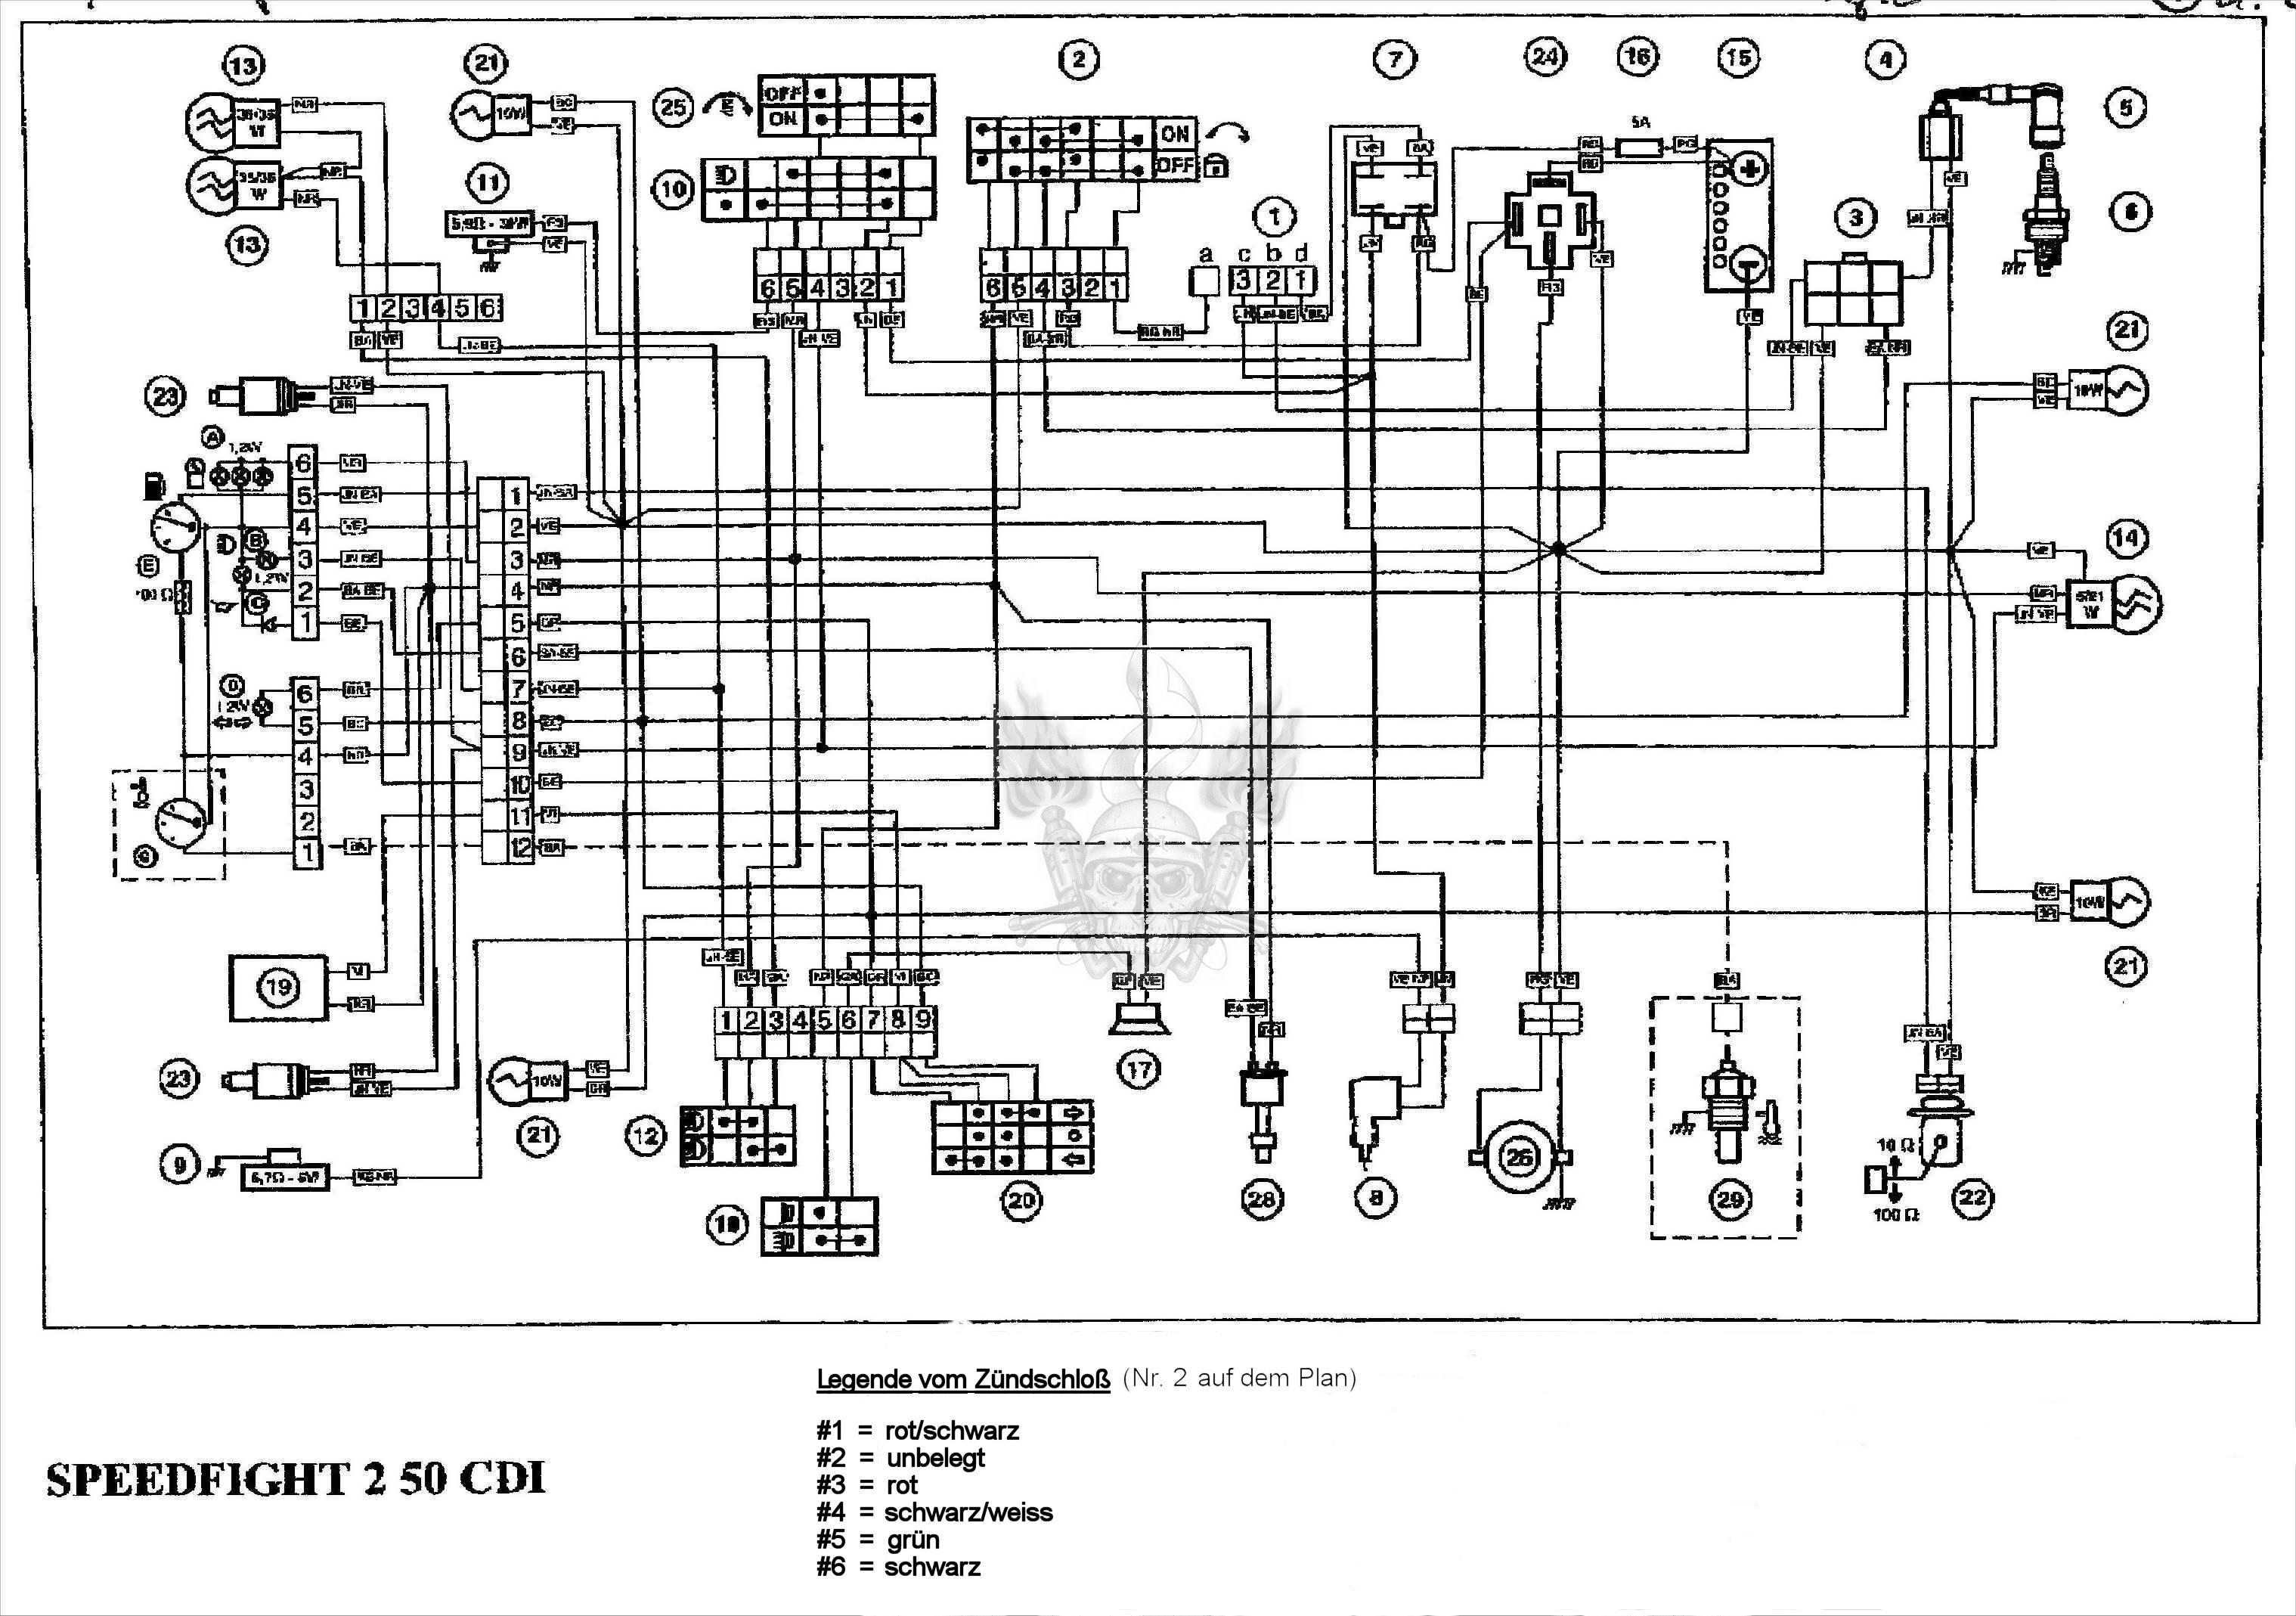 Großzügig Kawasaki Prärie 300 Schaltplan Ideen - Verdrahtungsideen ...